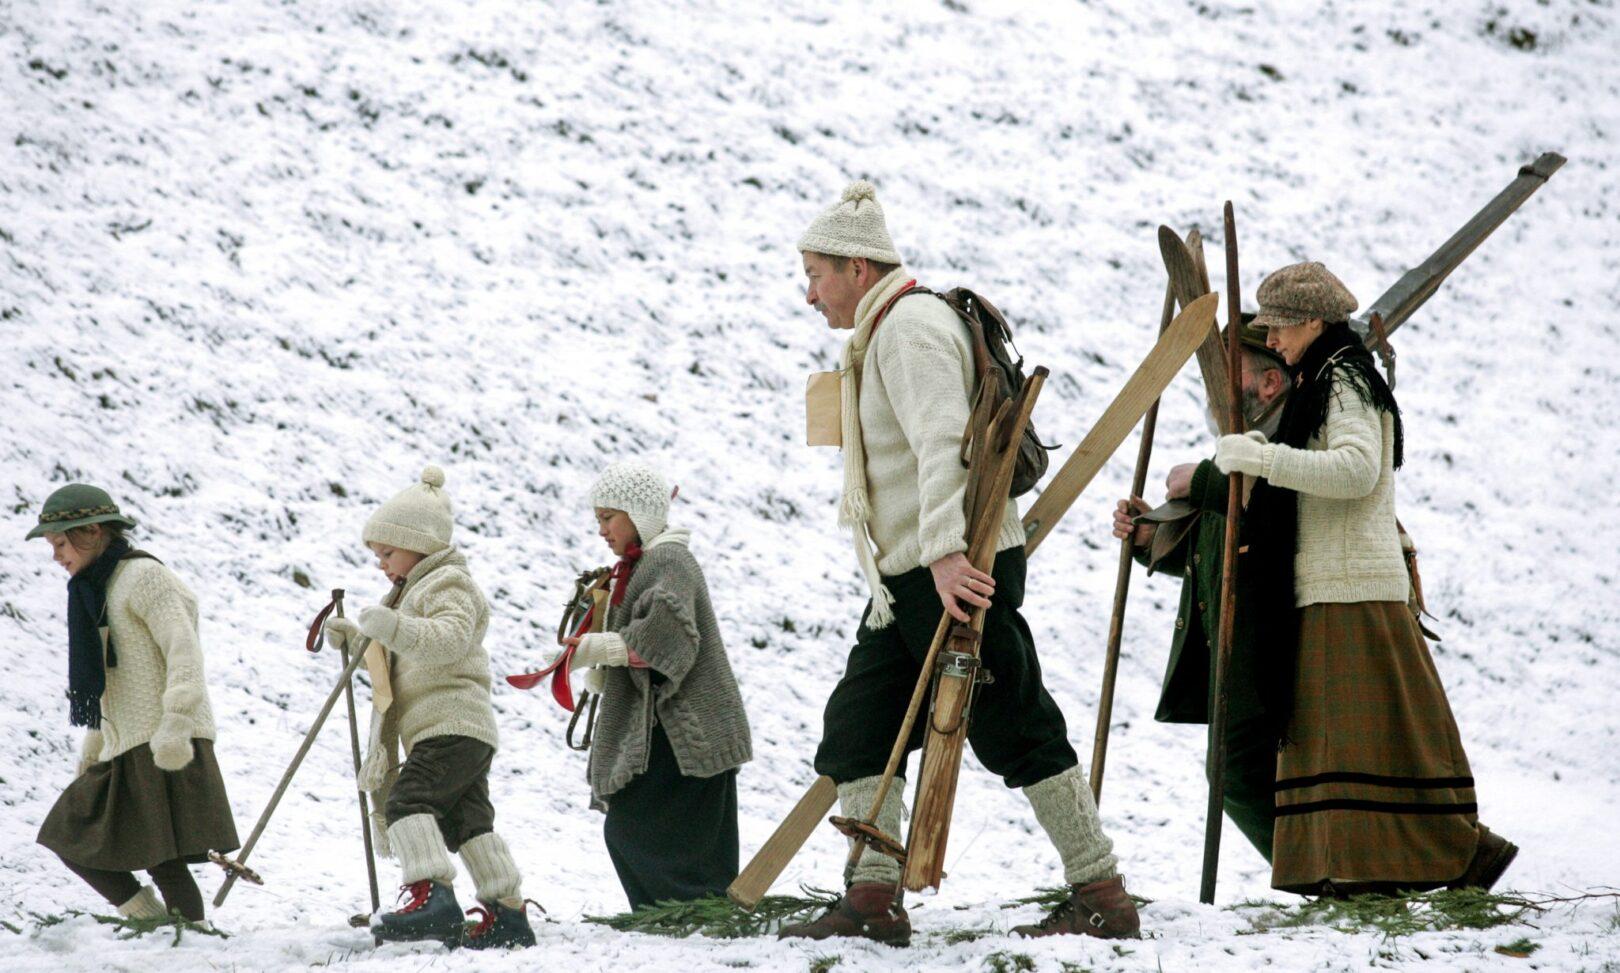 Zimsko veselje na snegu je pritegnilo tako mlado kot staro.